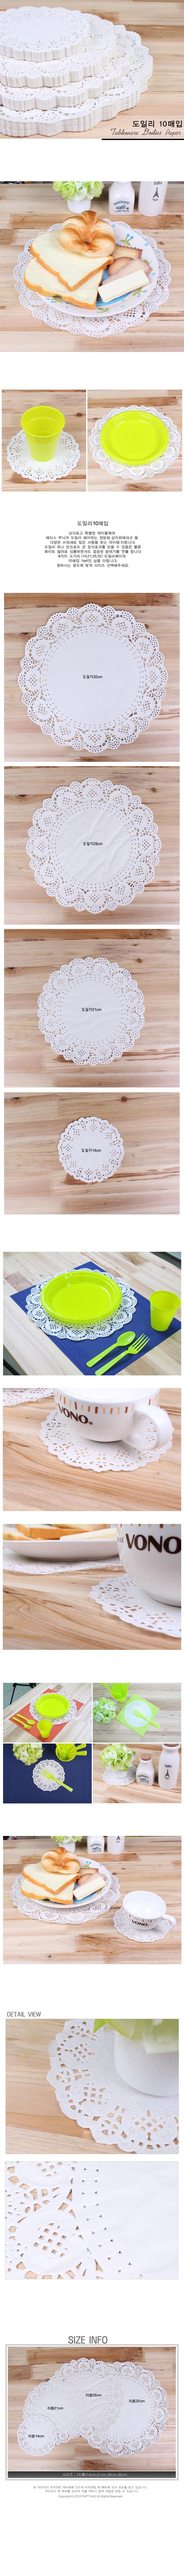 도일리 원형 26cm (10매입) - 파티해, 1,020원, 파티용품, 식기/테이블/세트